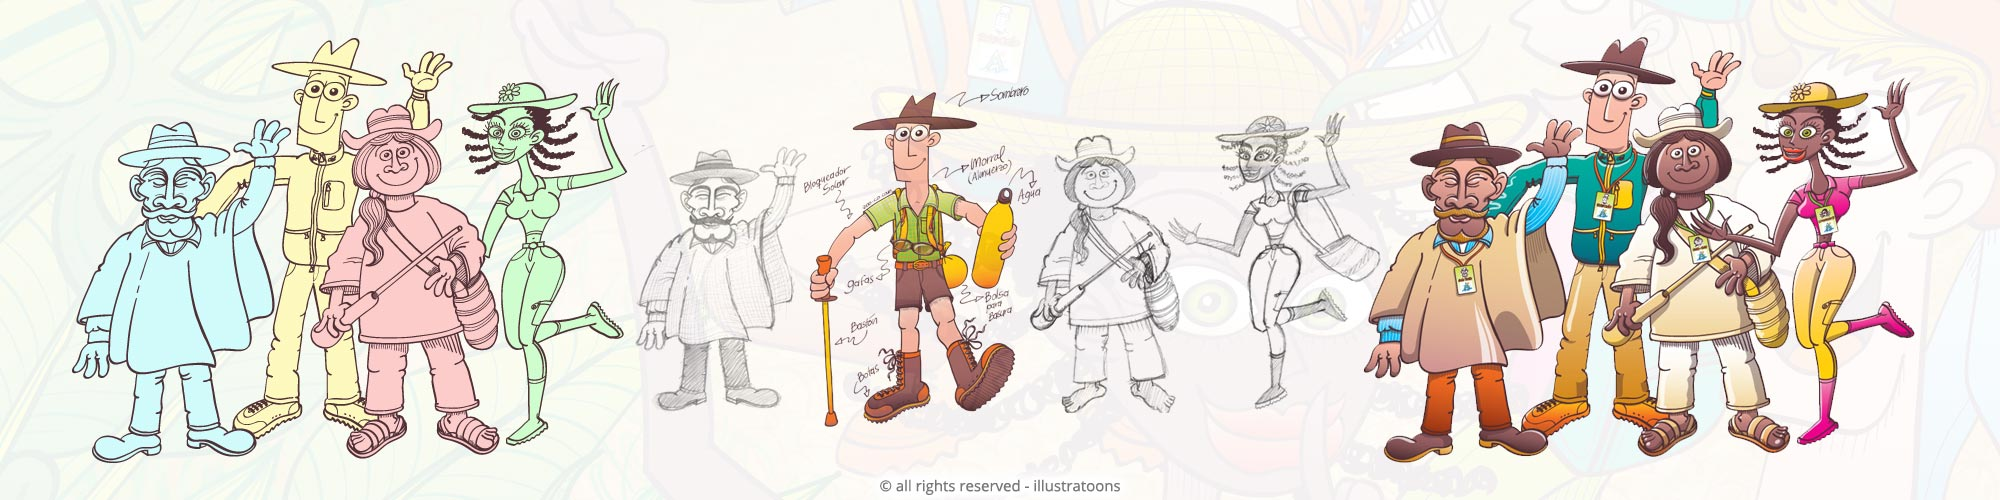 illustratoons-Custom-Images2